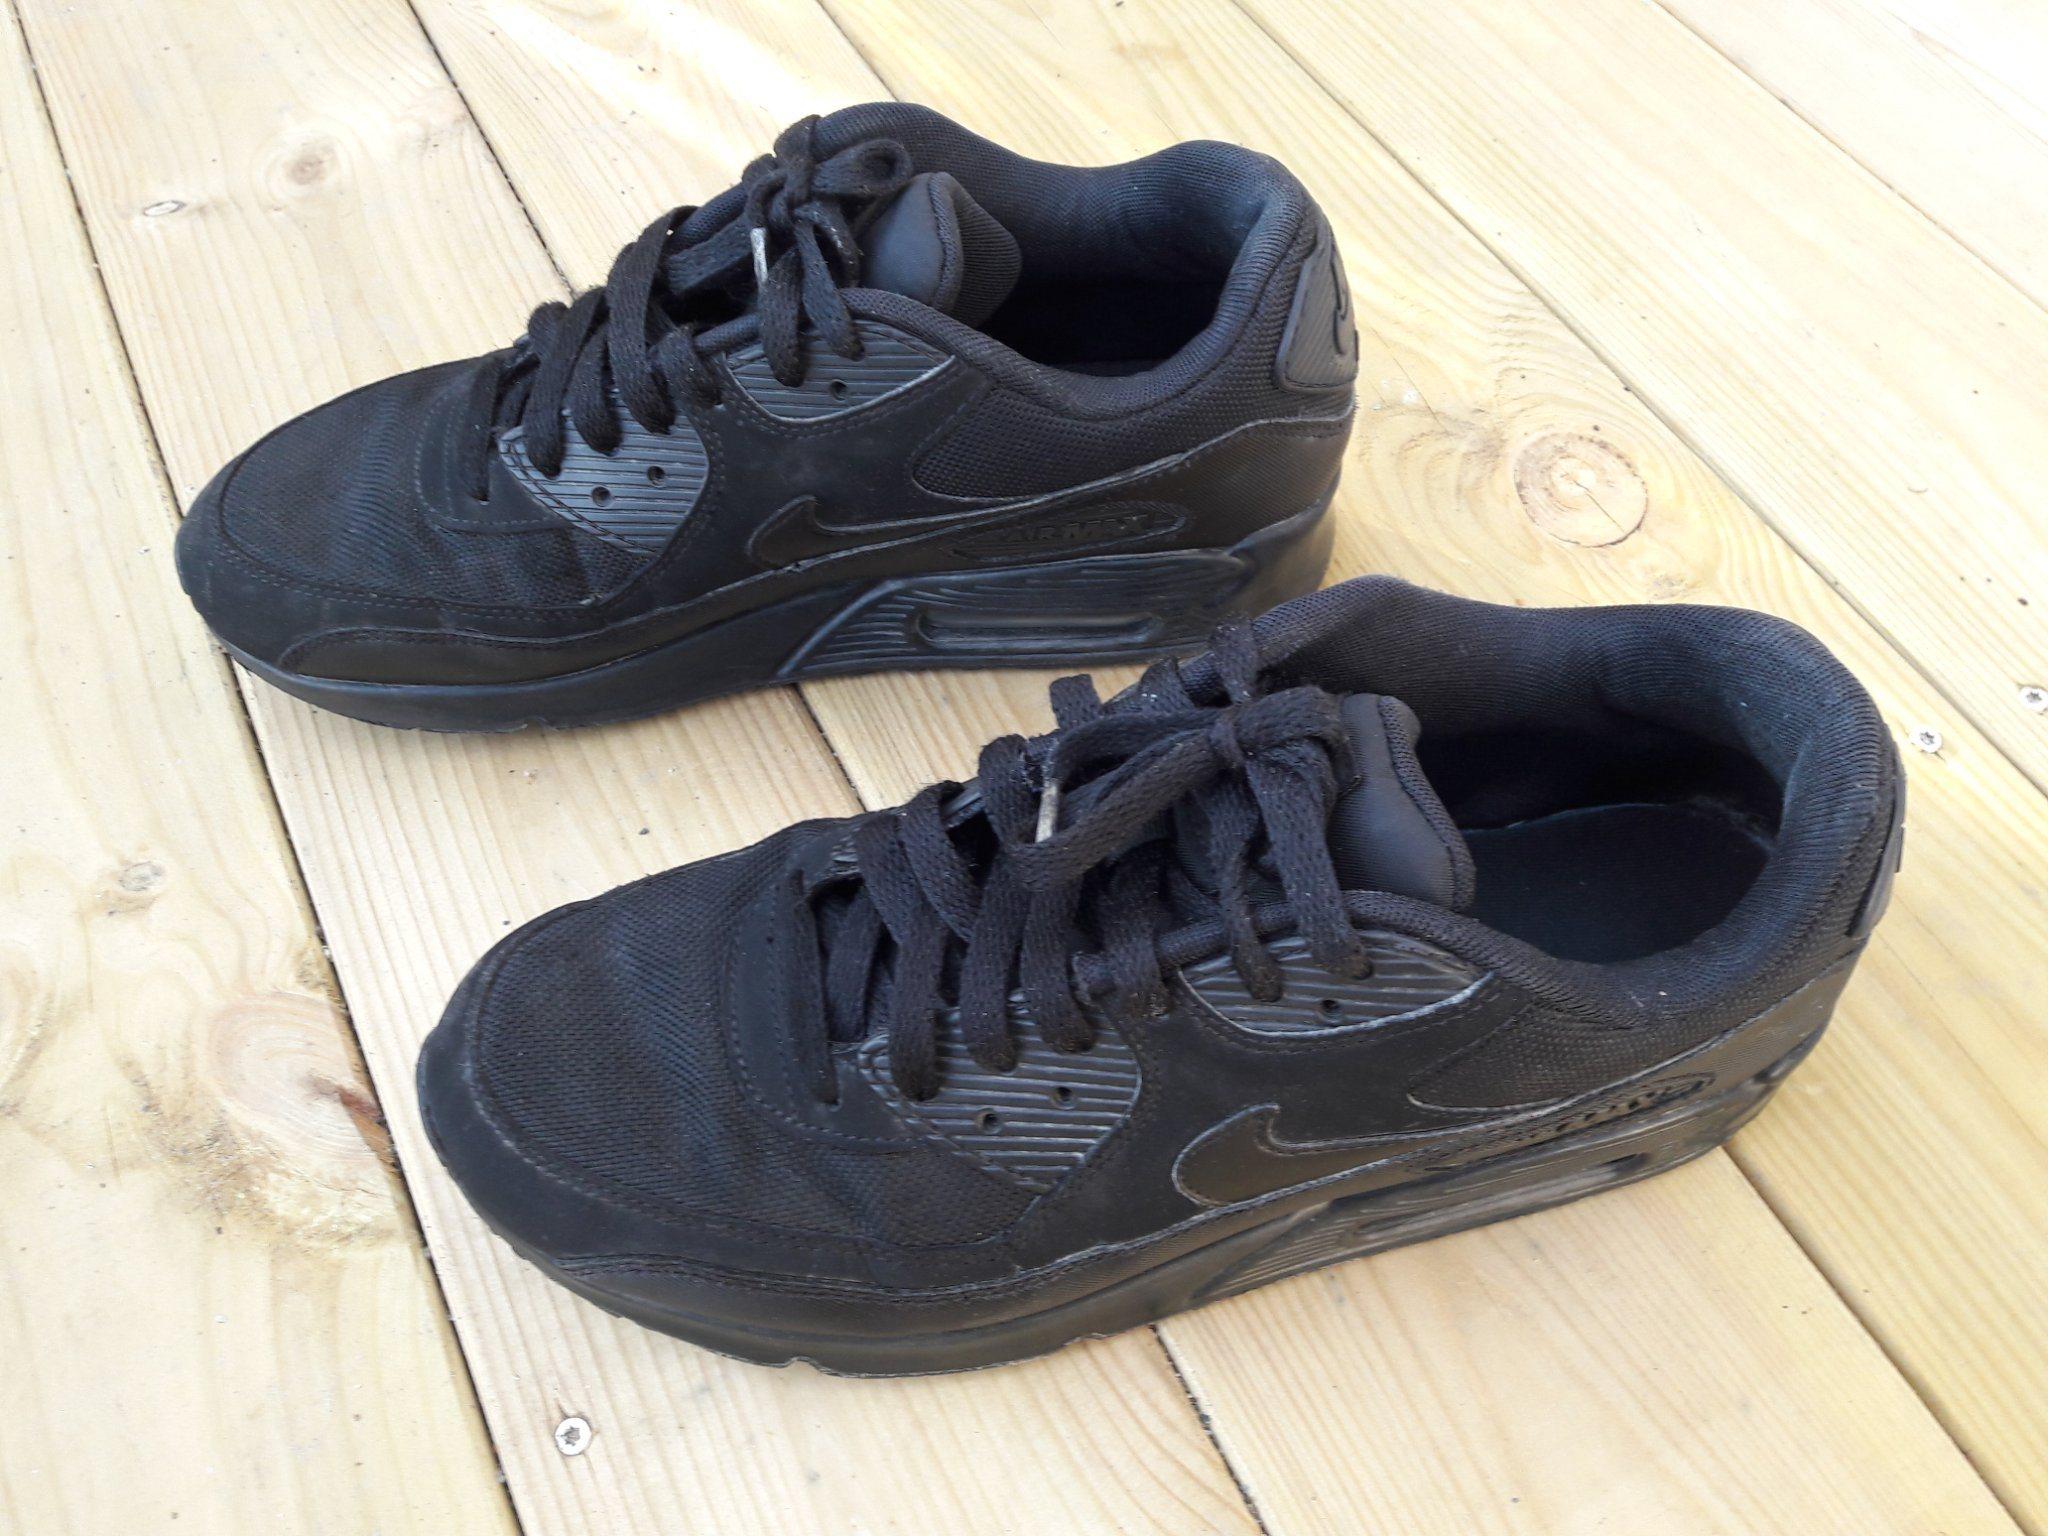 promo code 72647 c9f31 Nike Air Max 90, svarta, storlek 41,gympaskor, träningsskor